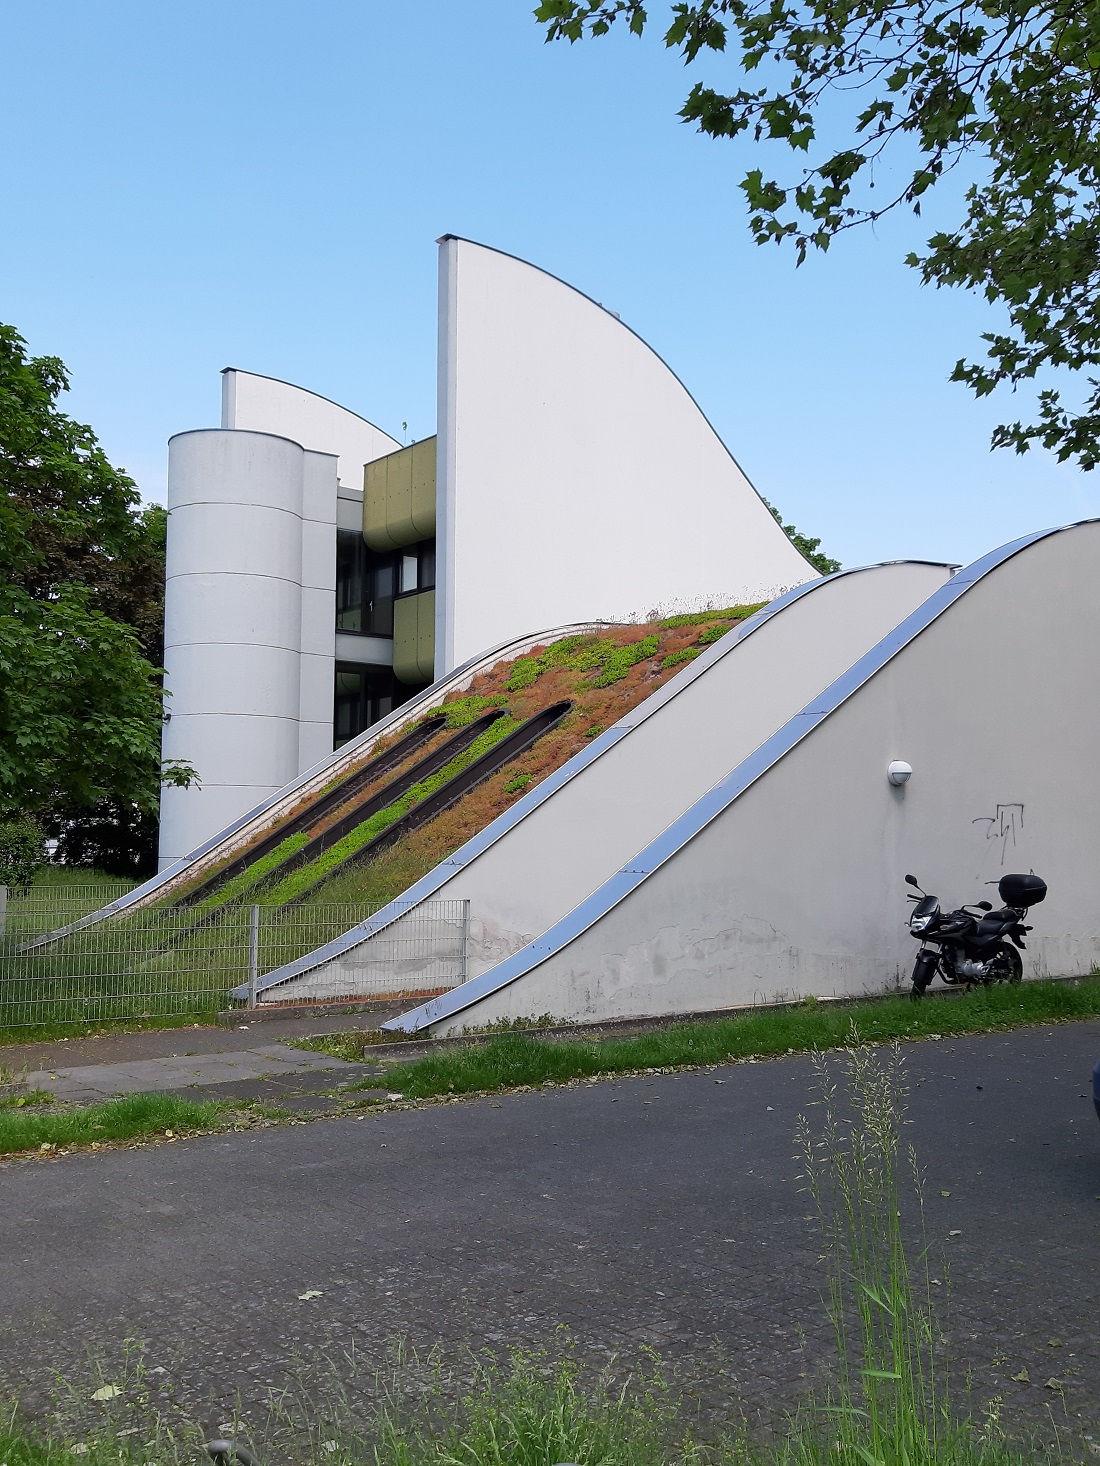 Bild: K. Berkemann, Mai 2021